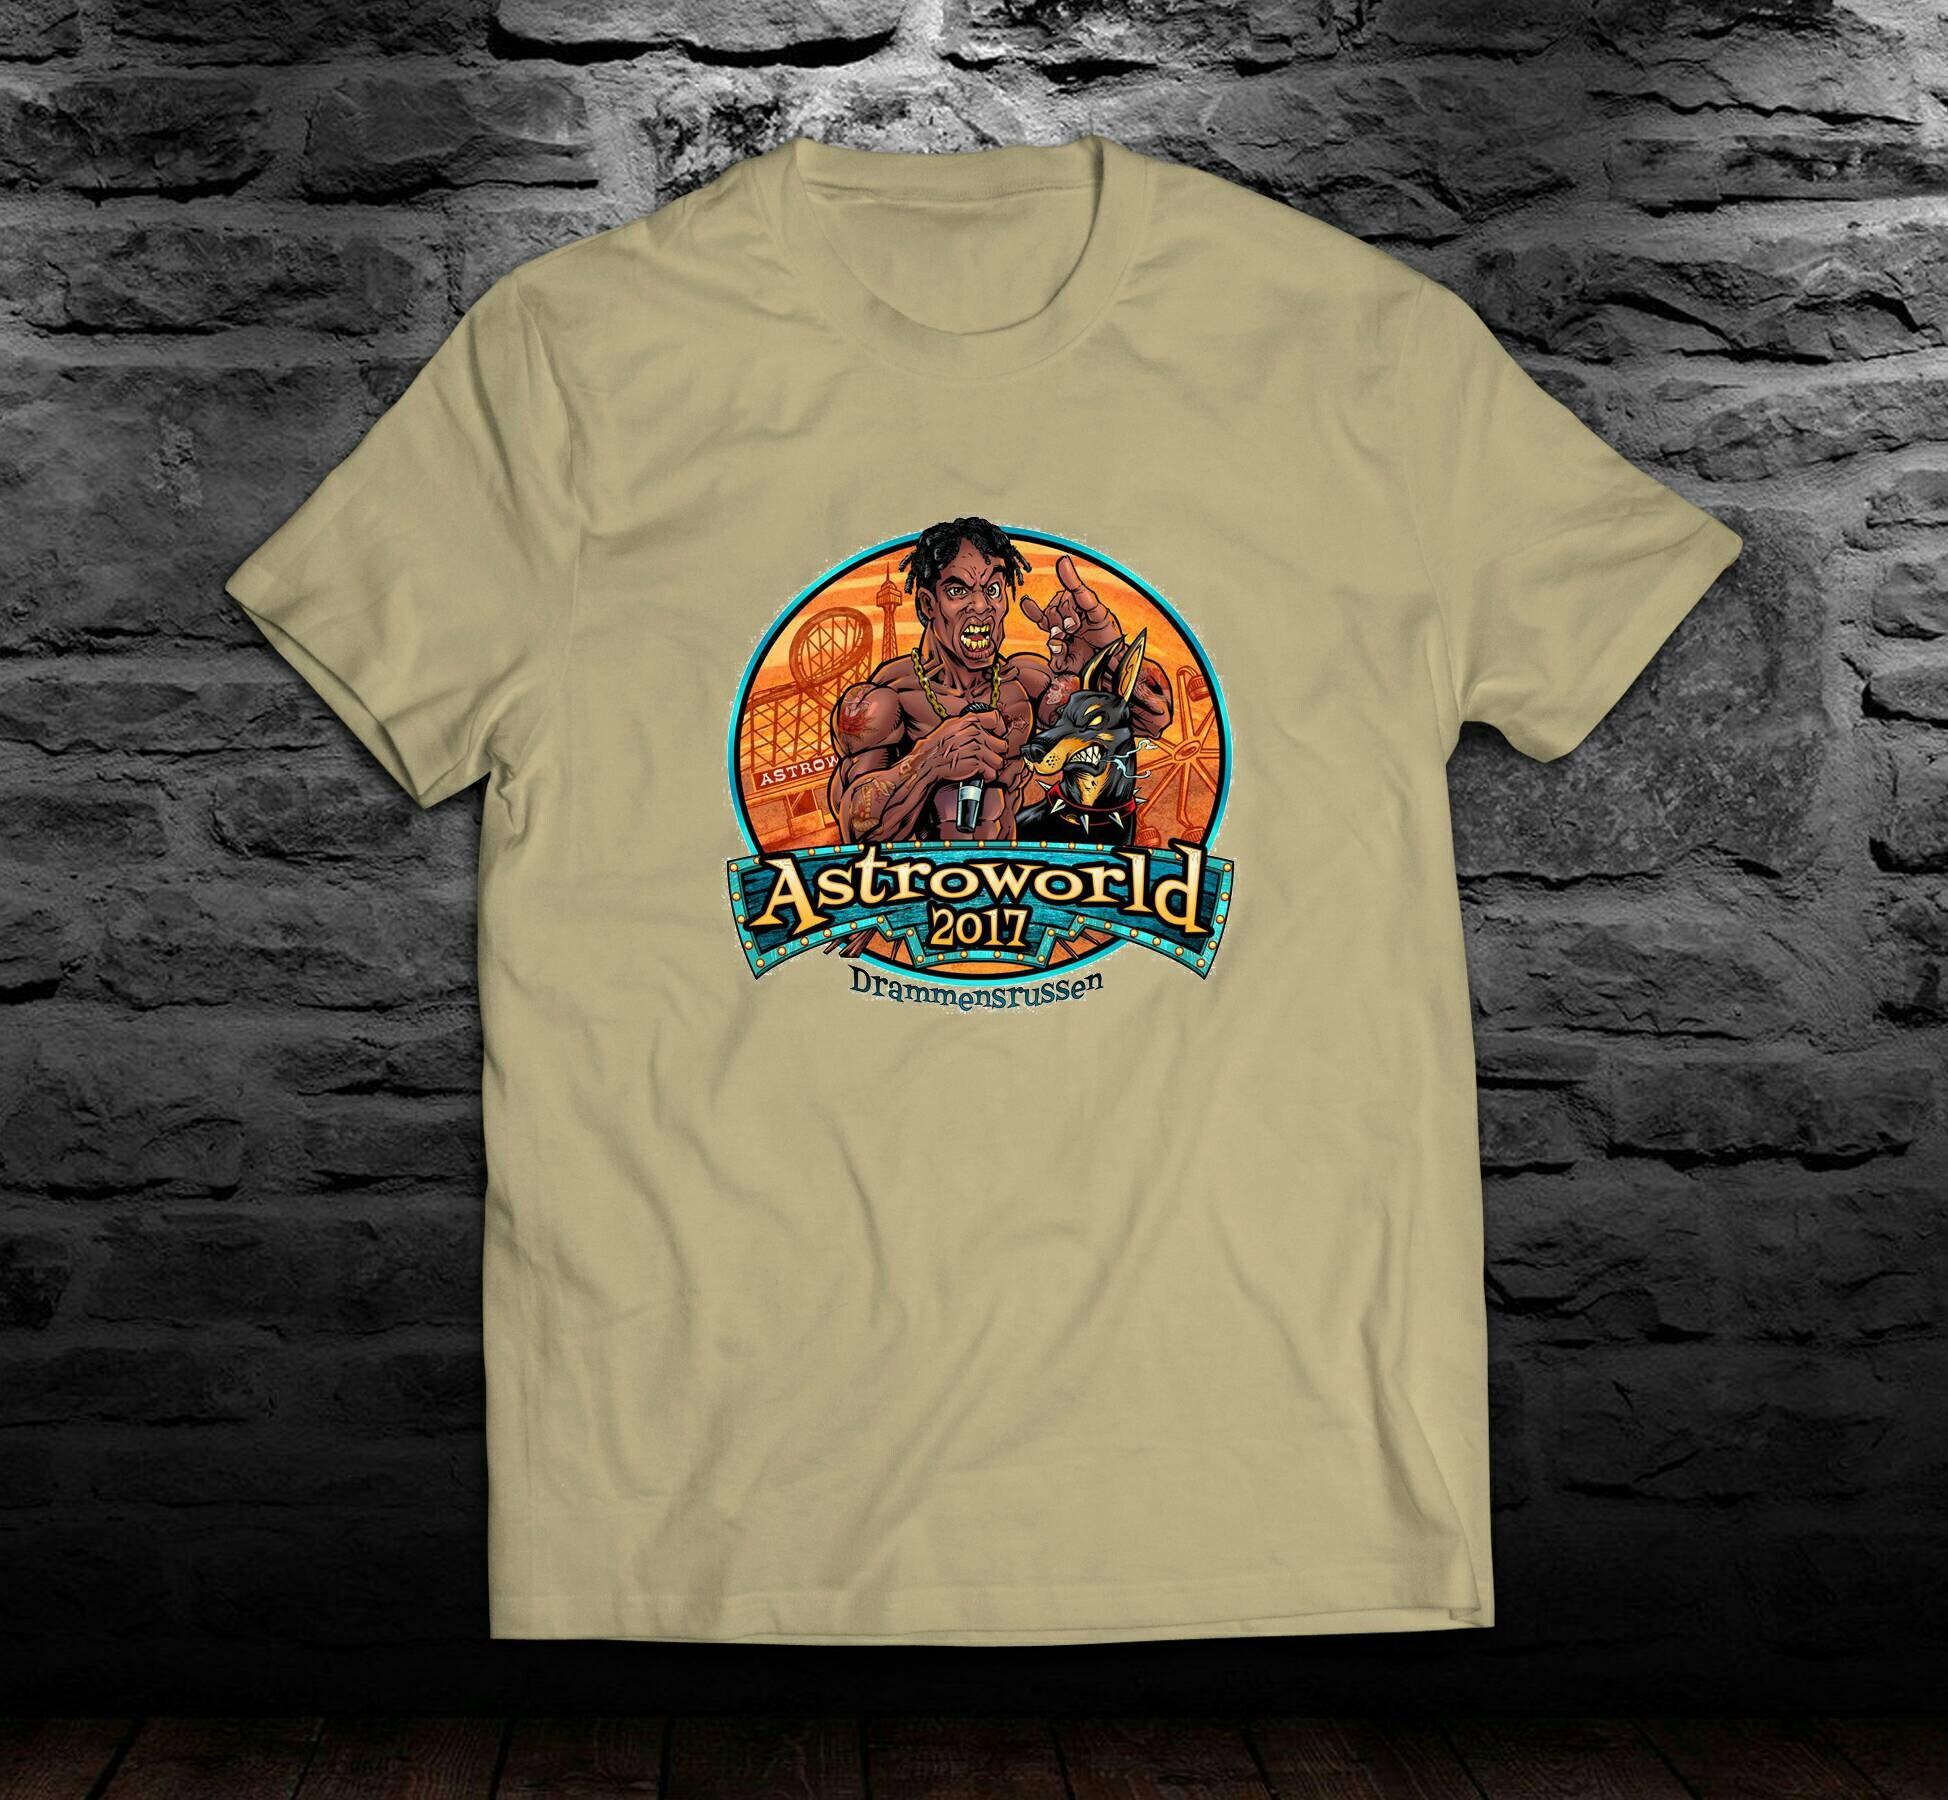 Astroworld beige hip hop shirt, happy rapper shirt, gift for boyfriend,  Travis Scott shirt, hype shirt